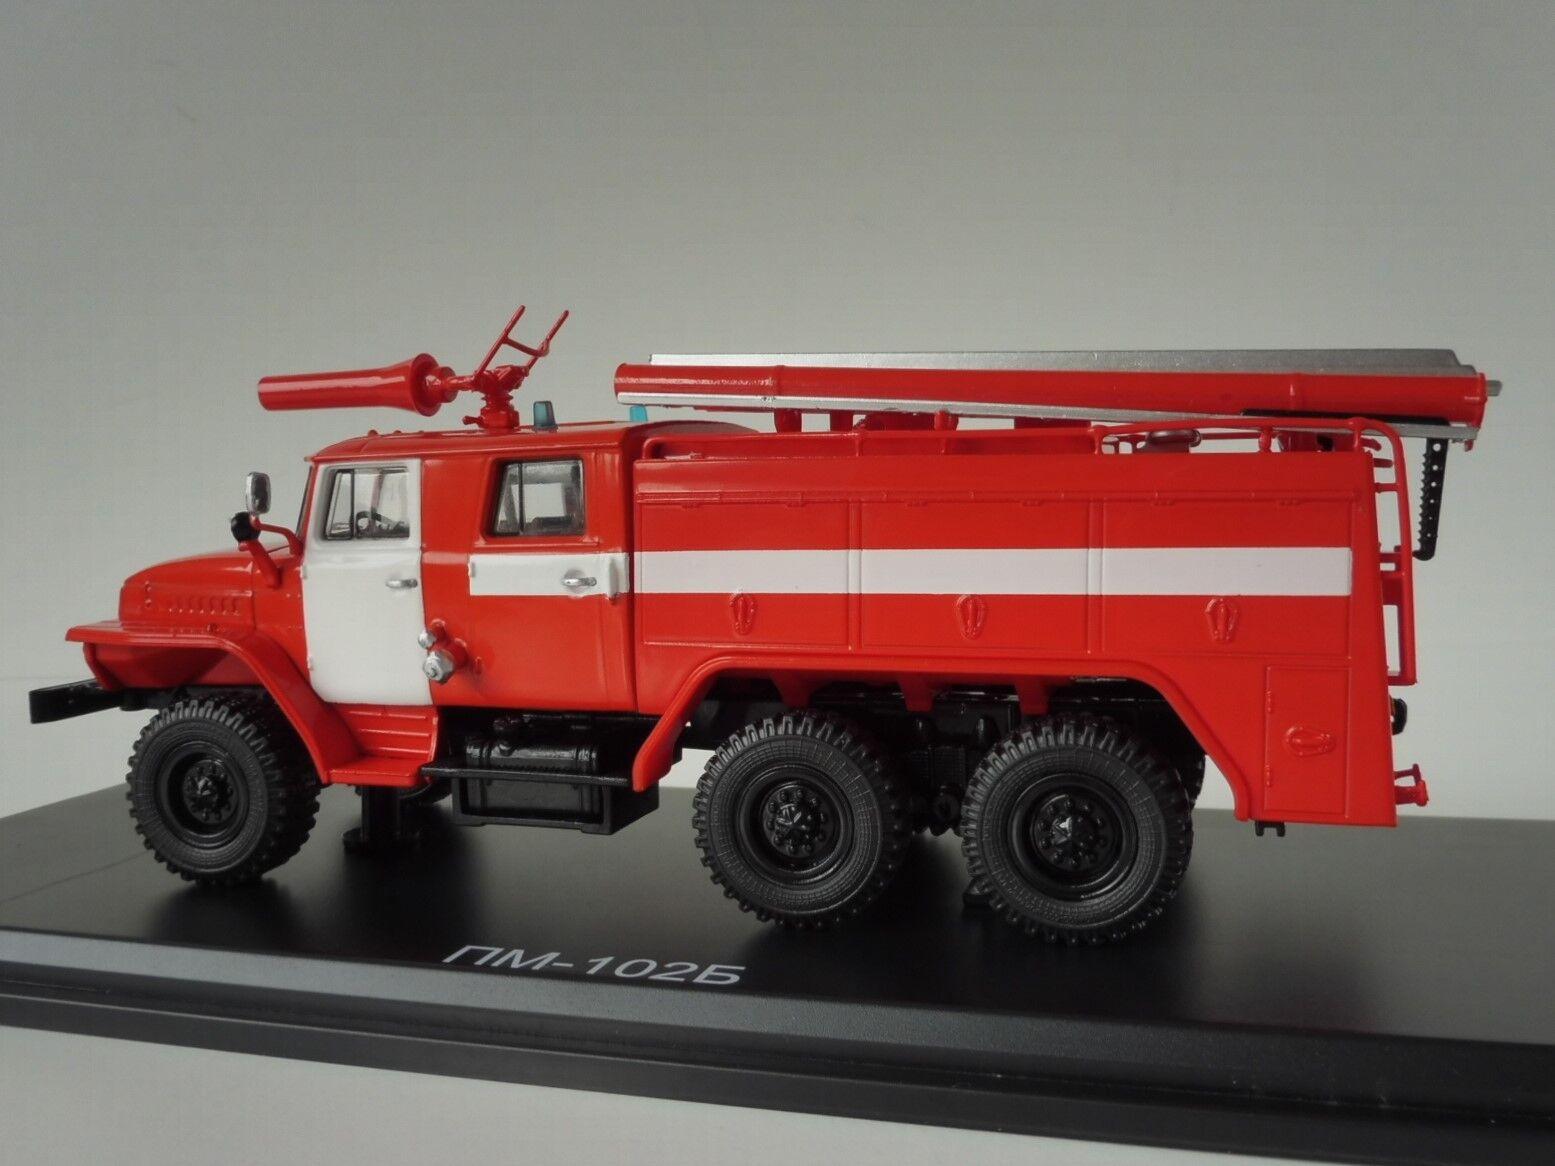 Ural Ac-40 Ac-40 Ac-40 43202 Pm-102b Fire Brigade 1 43 Start Scale Models Ssm1232 Fire 29e1bf